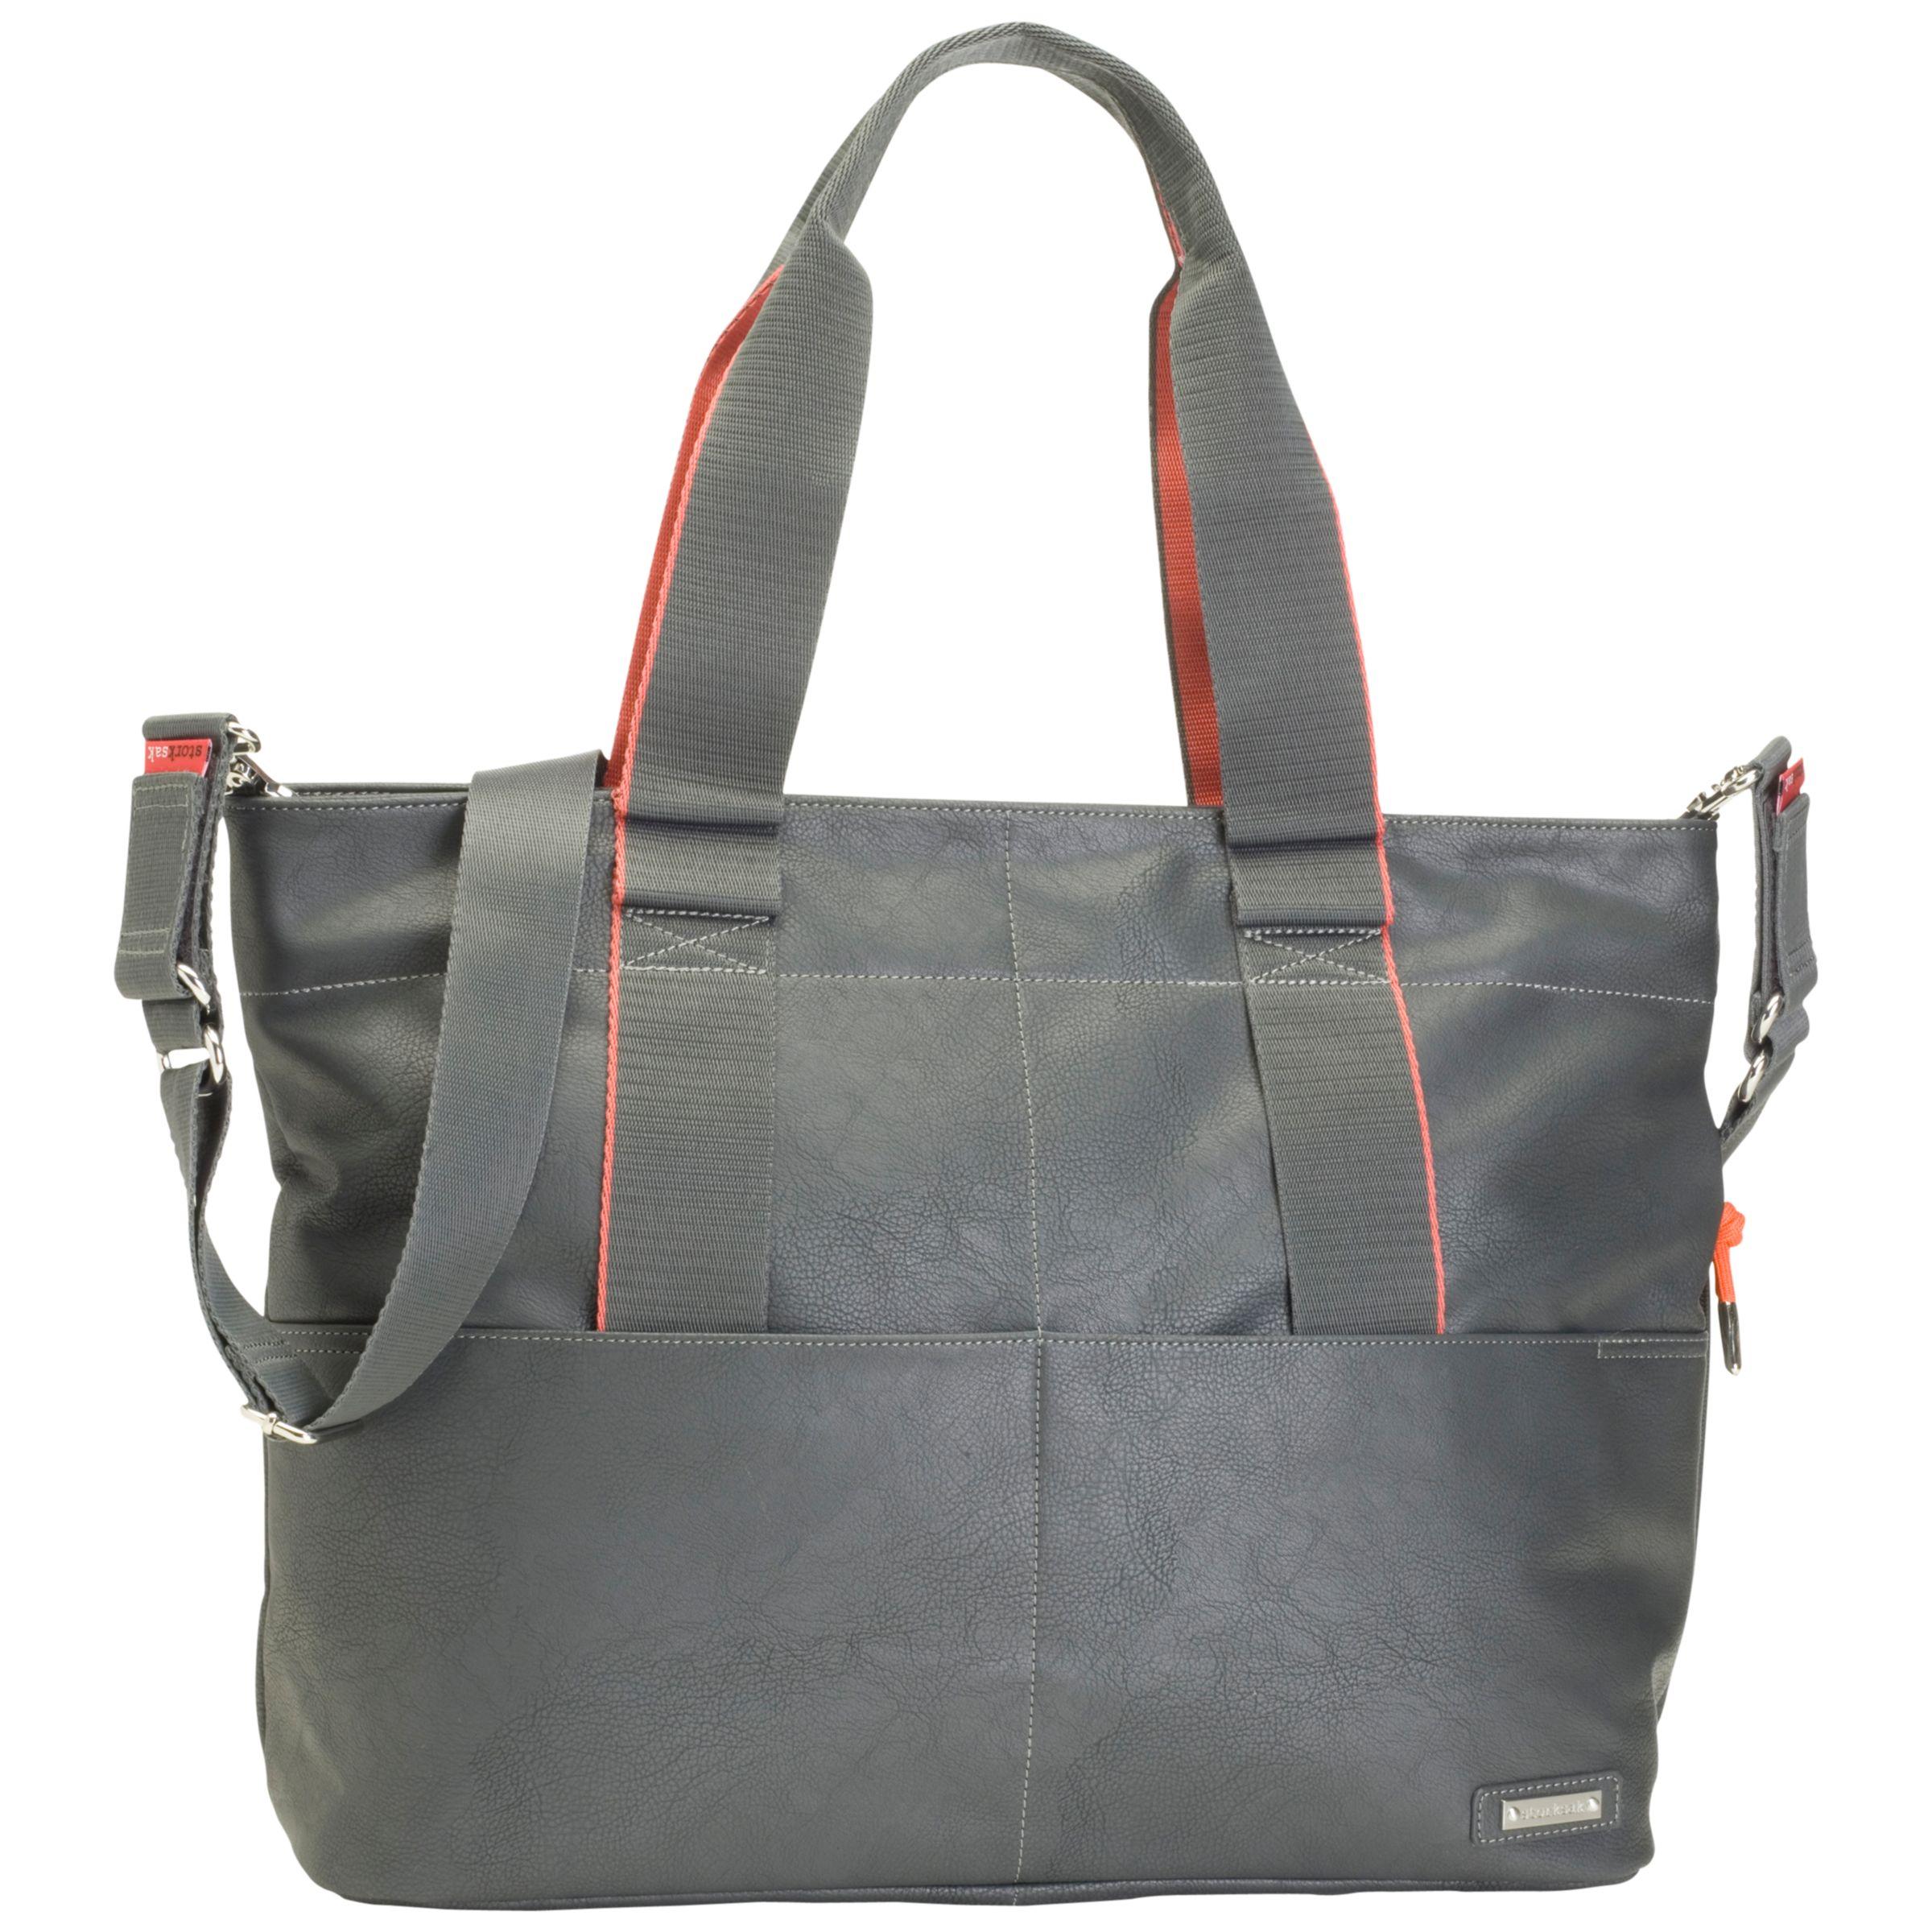 Storksak Storksak Eden Changing Bag, Grey